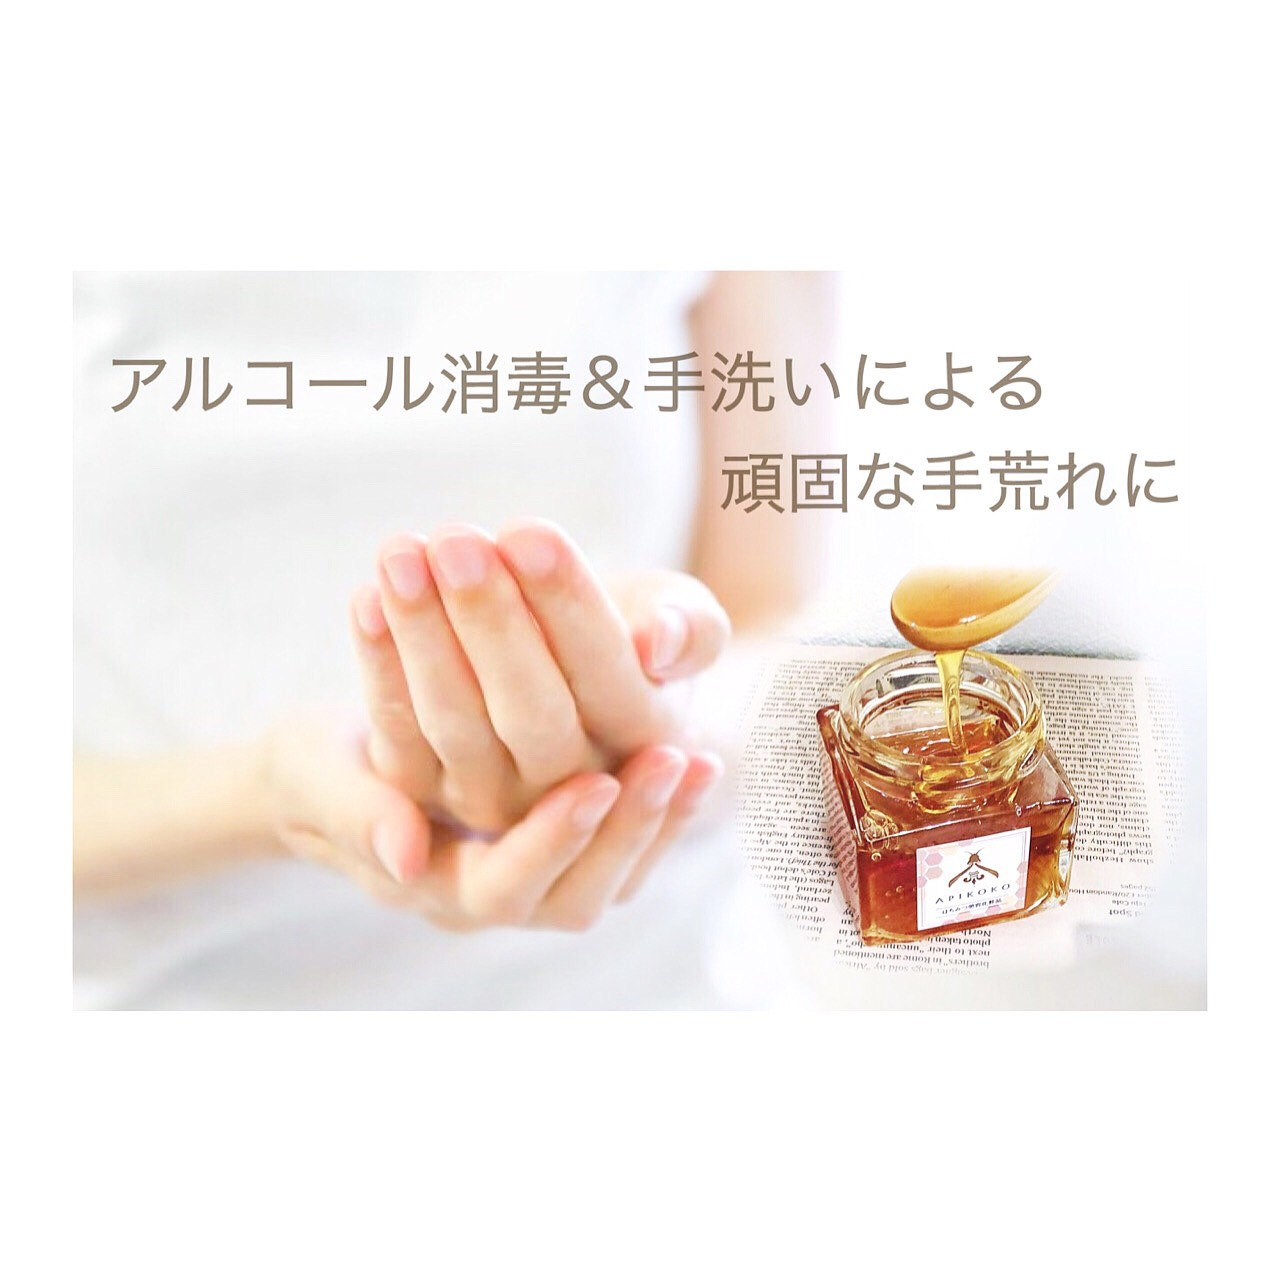 ★APIKOKO★アルコール消毒&手洗いによる頑固な手荒れに。生はちみつ美容液で潤いを♪